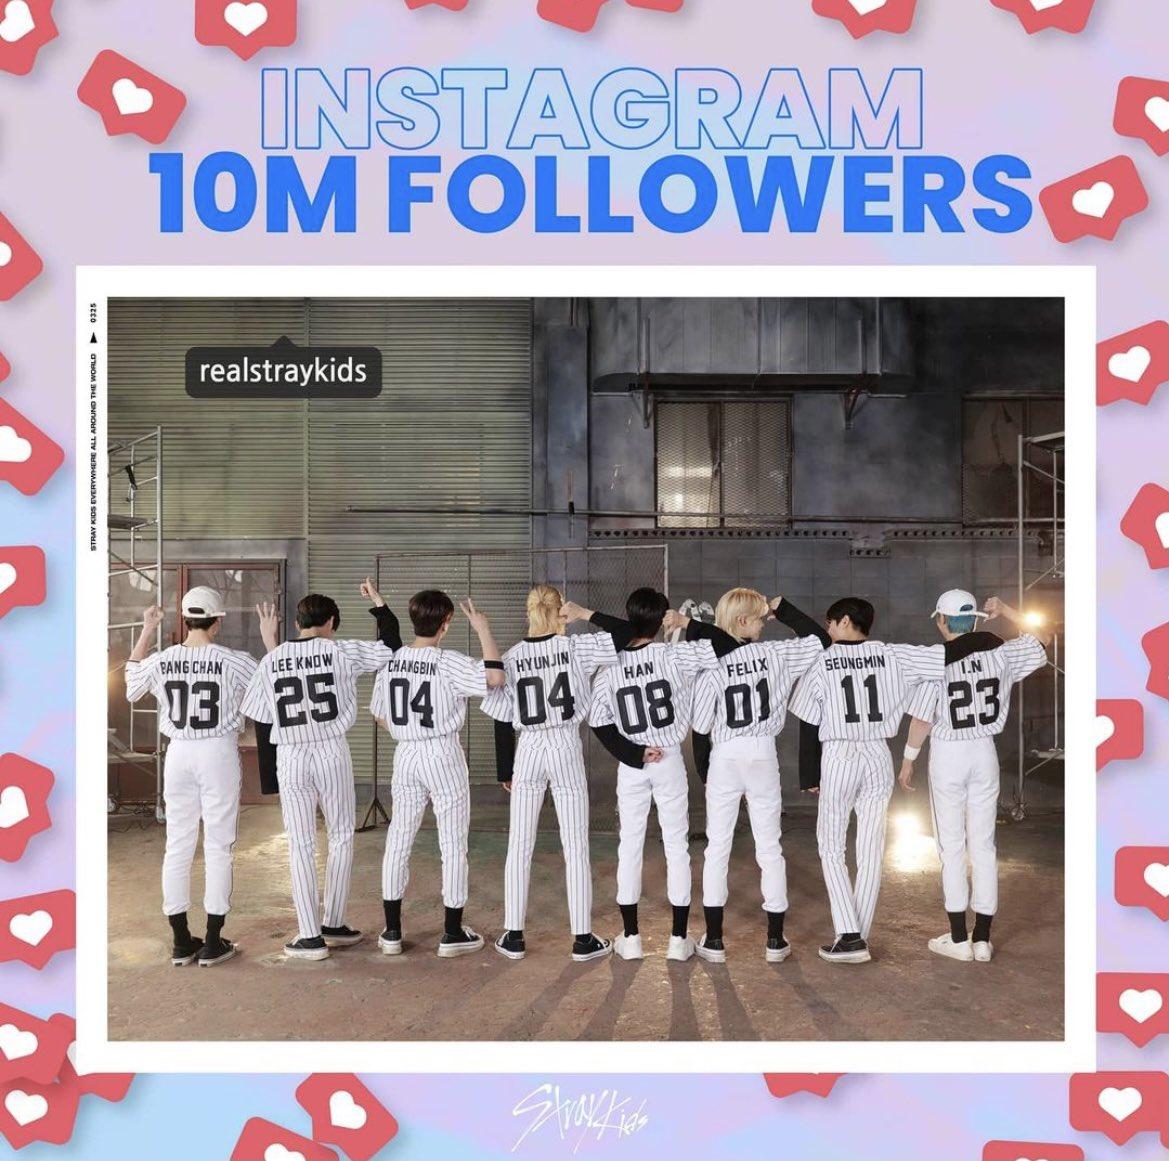 1000万人本当におめでとう!最高に良いお写真😭💕 #RealStrayKids10M